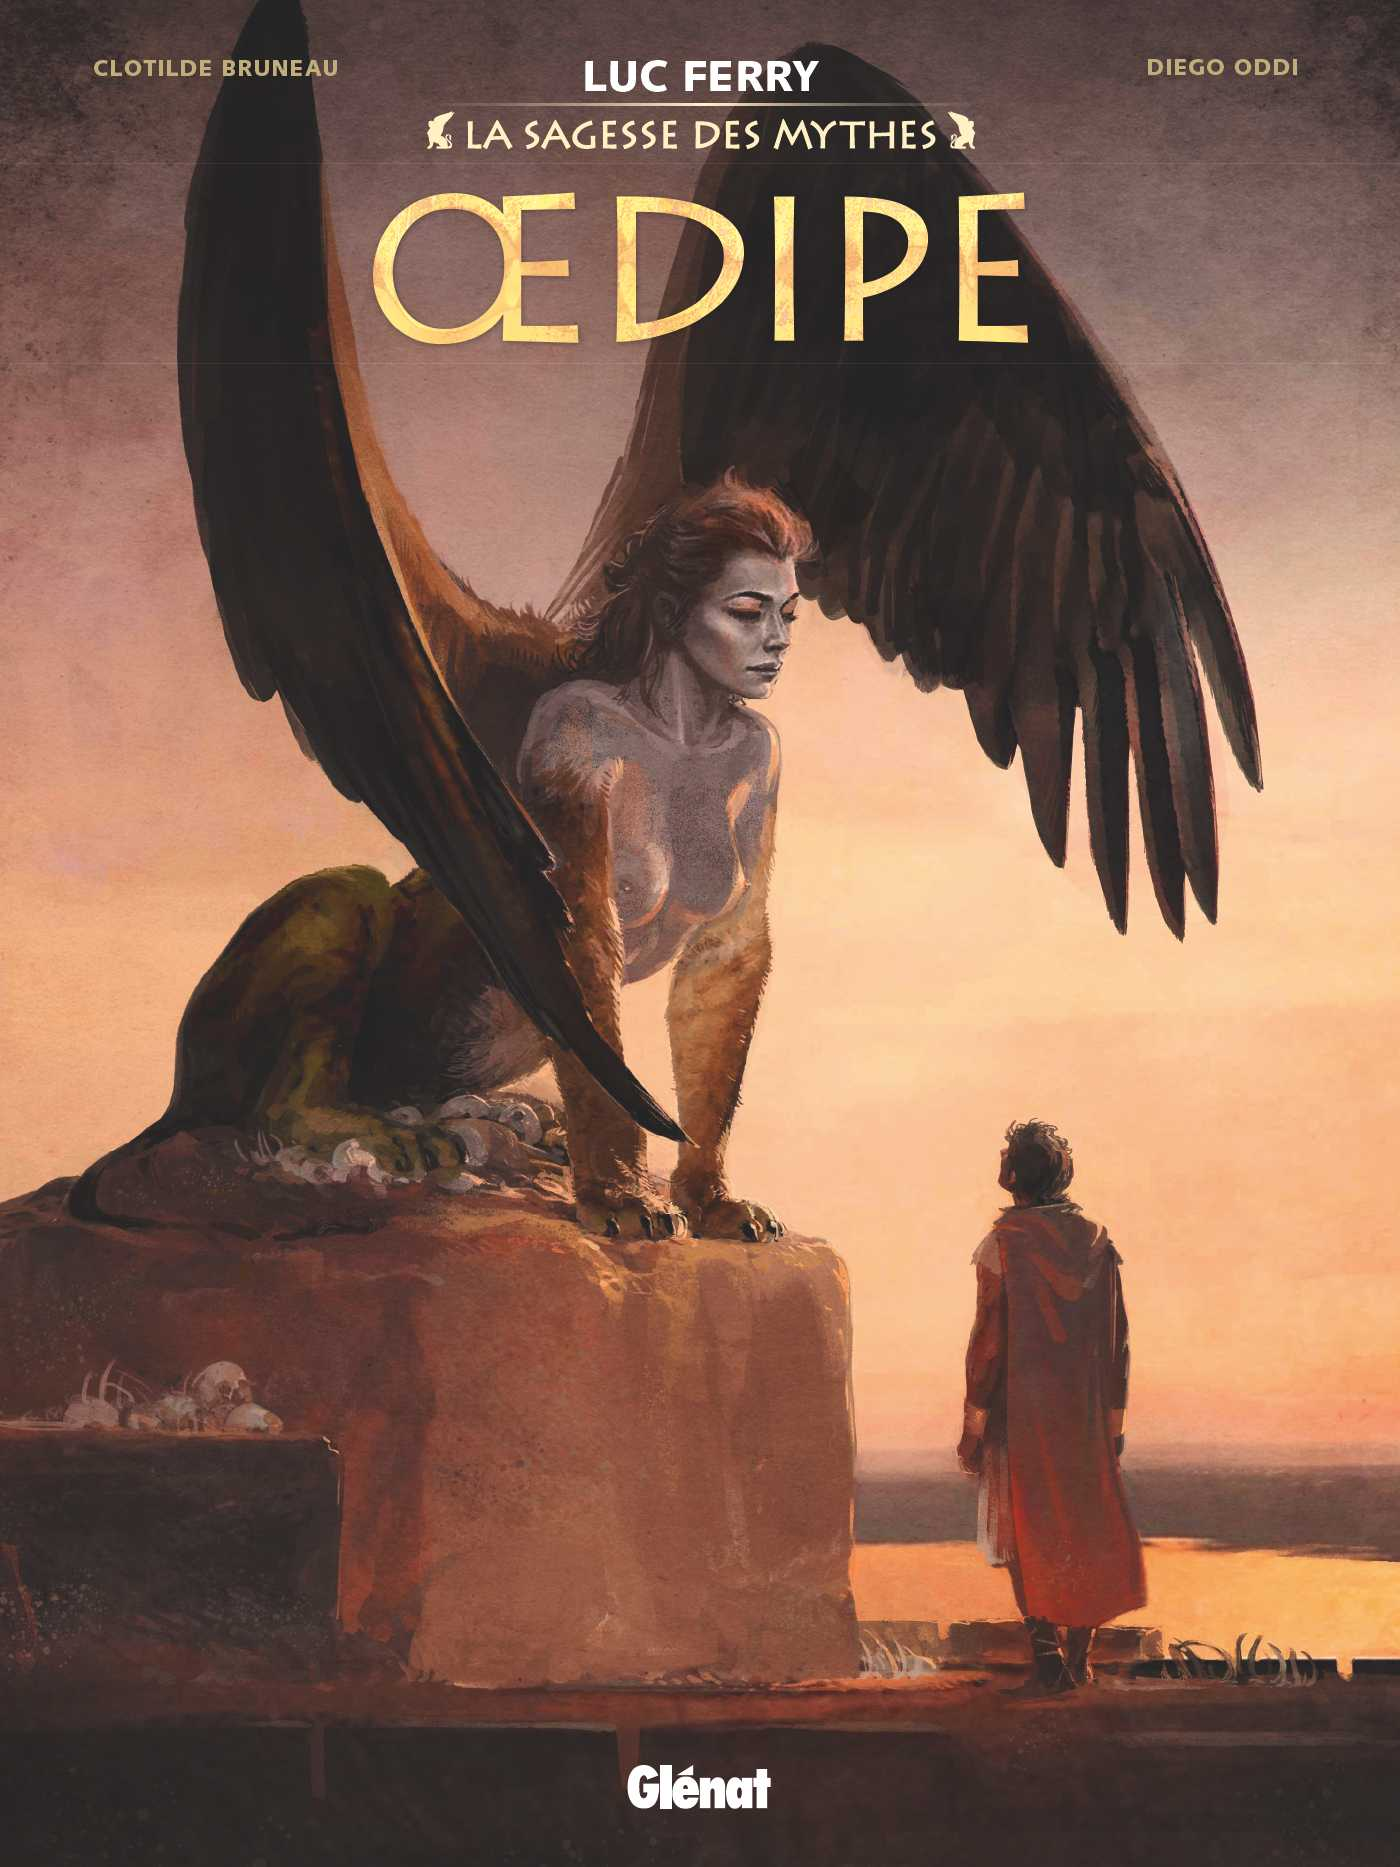 Jason et Œdipe, les deux héros rejoignent La Sagesse des Mythes